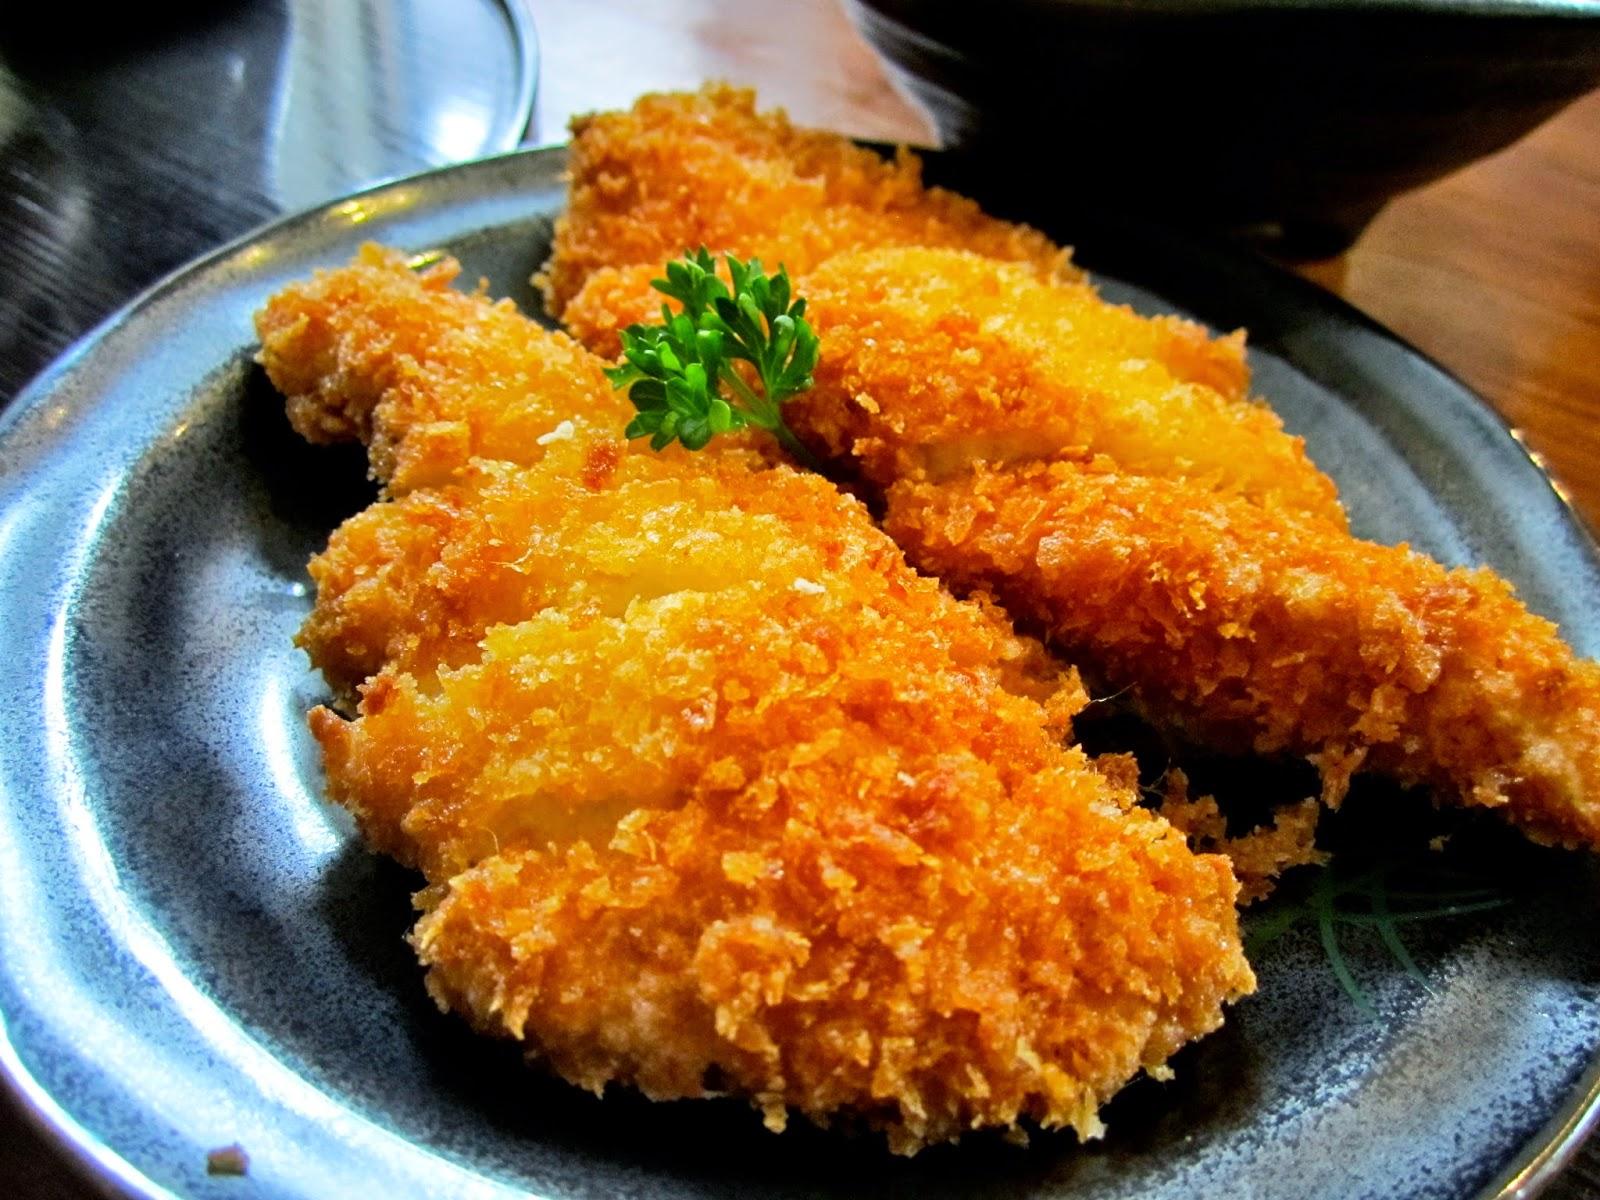 Resep Cara Membuat Fish Katsu Enak Mudah, fish katsu recipe, bahan membuat fish katsu